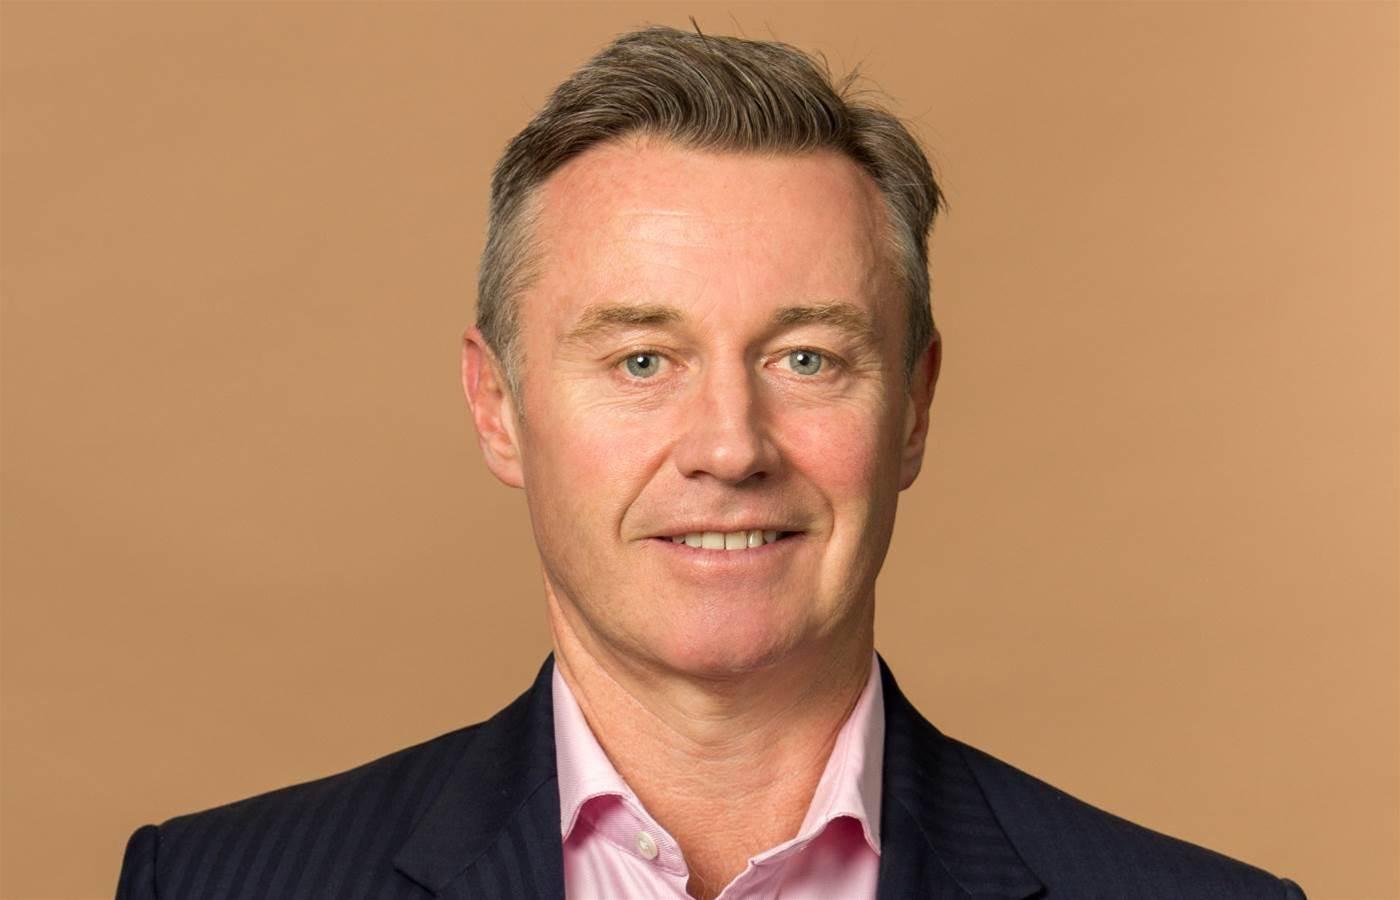 SAP's ANZ boss departs after 12 months